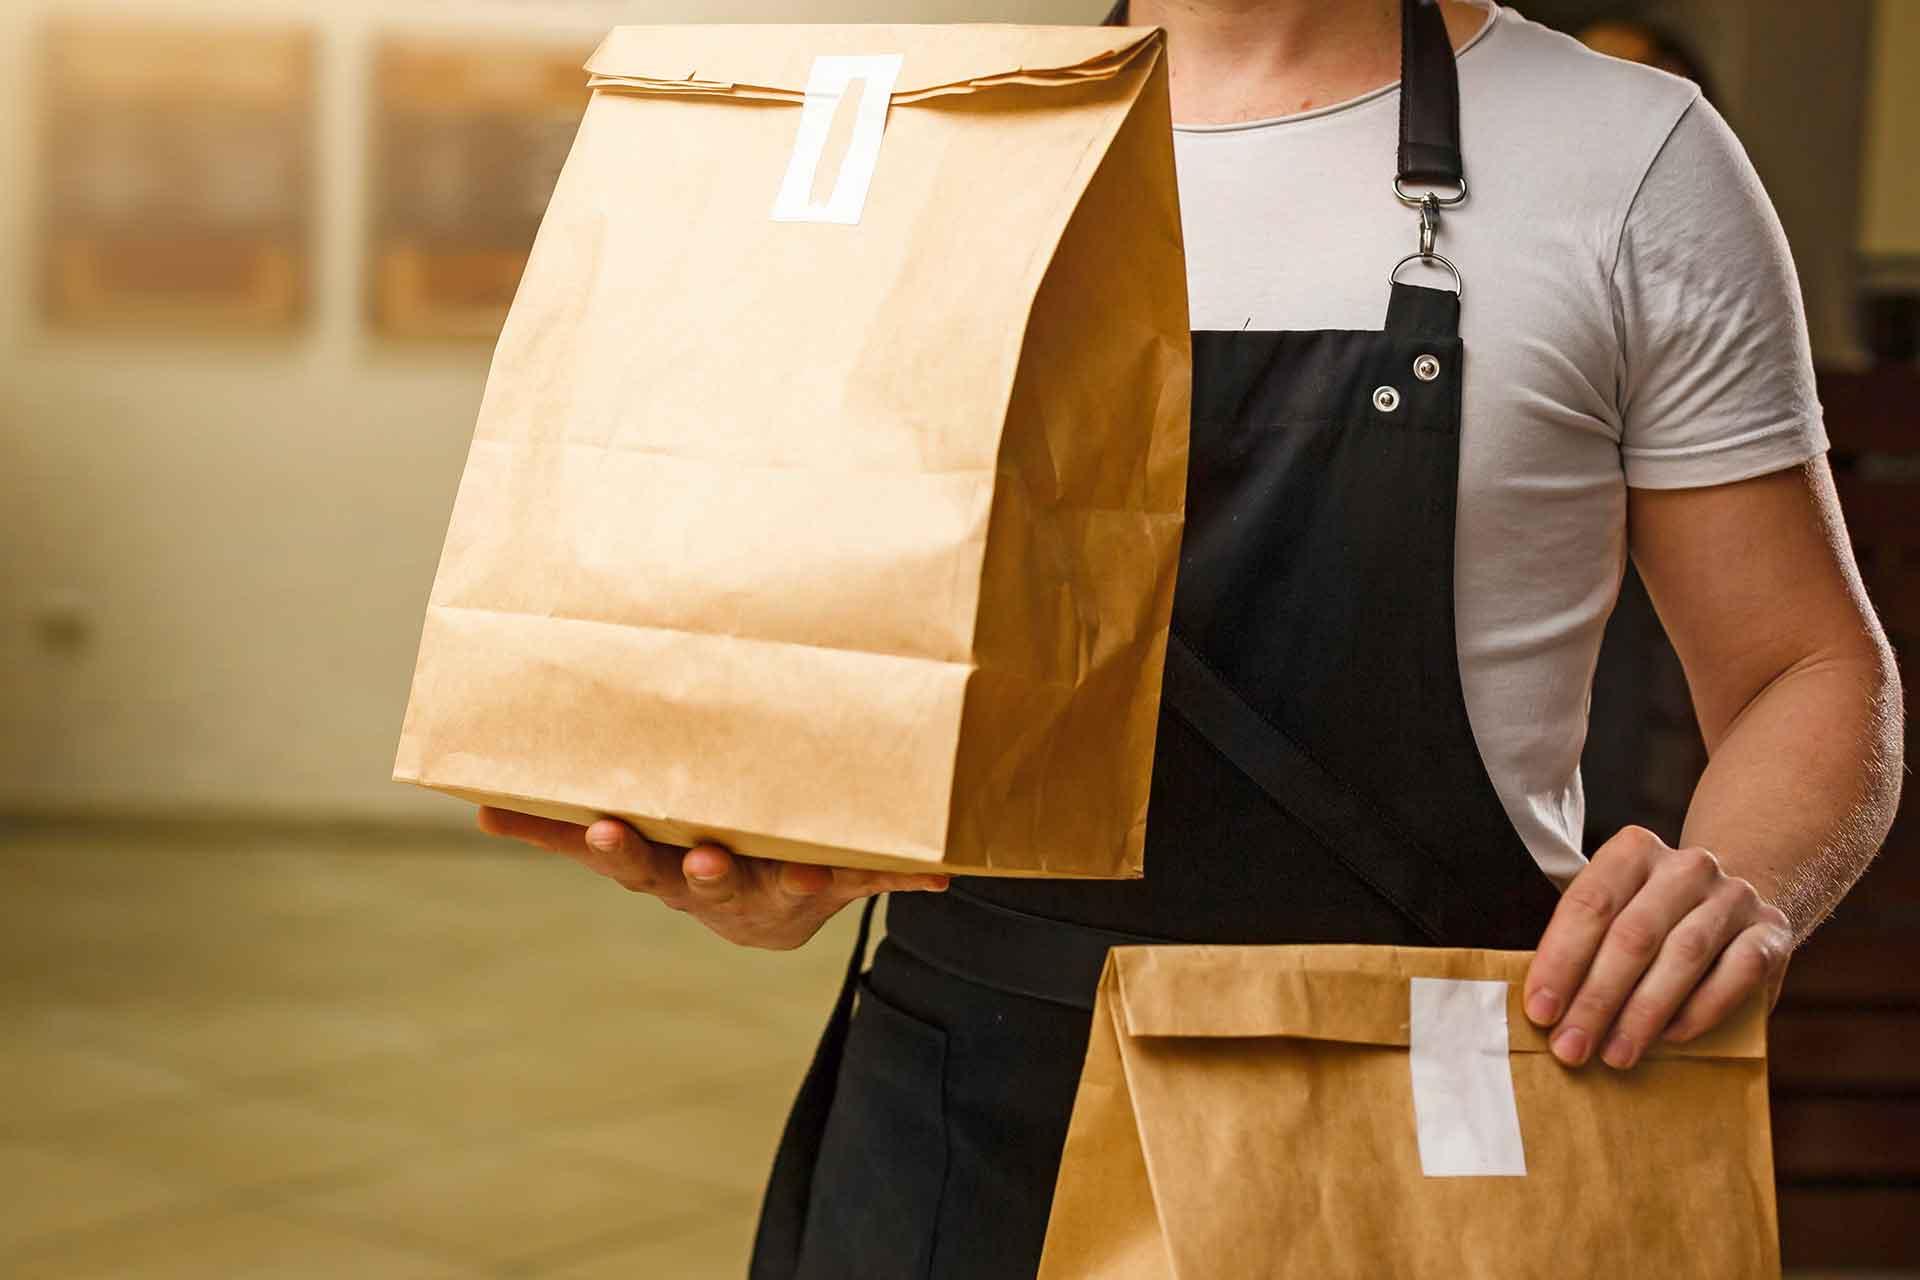 Aplicaciones de entrega de comida